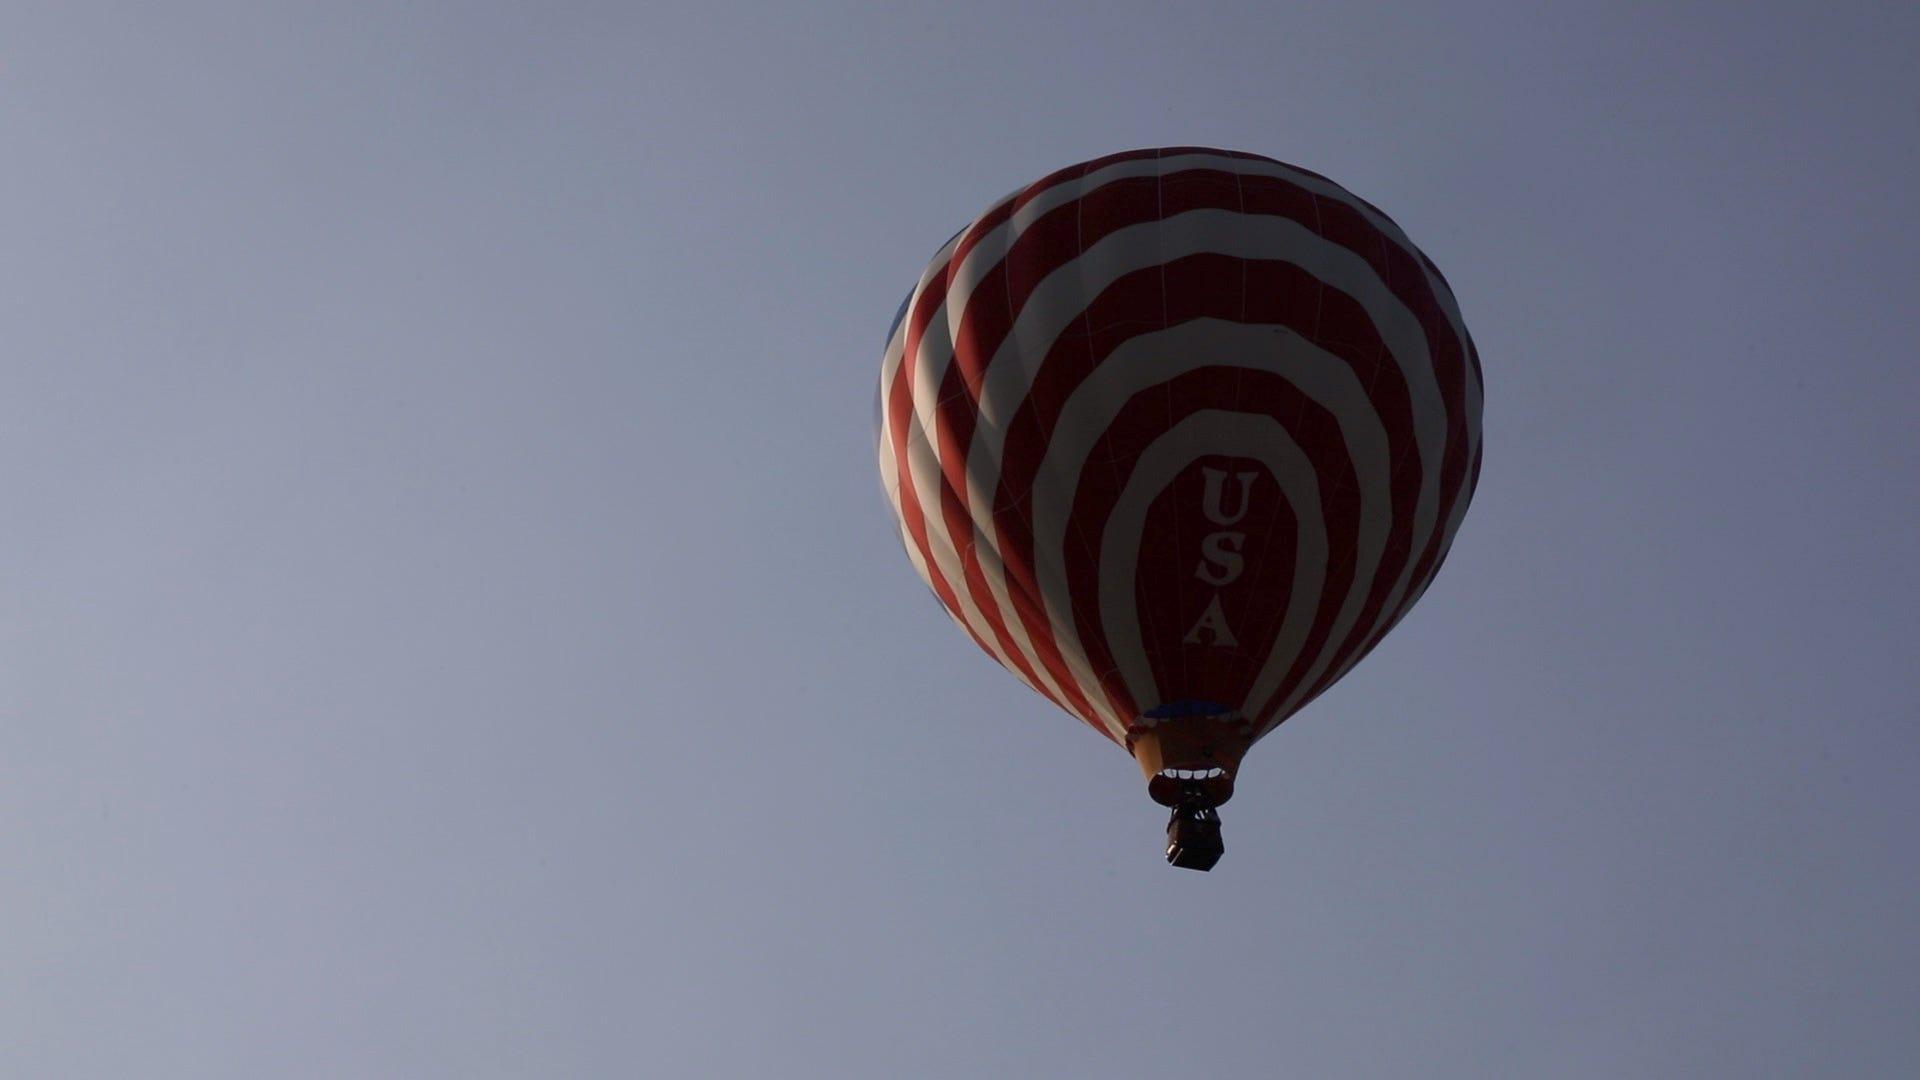 717df1f8-cbd1-41d7-a9a0-009b352947a2-Balloons